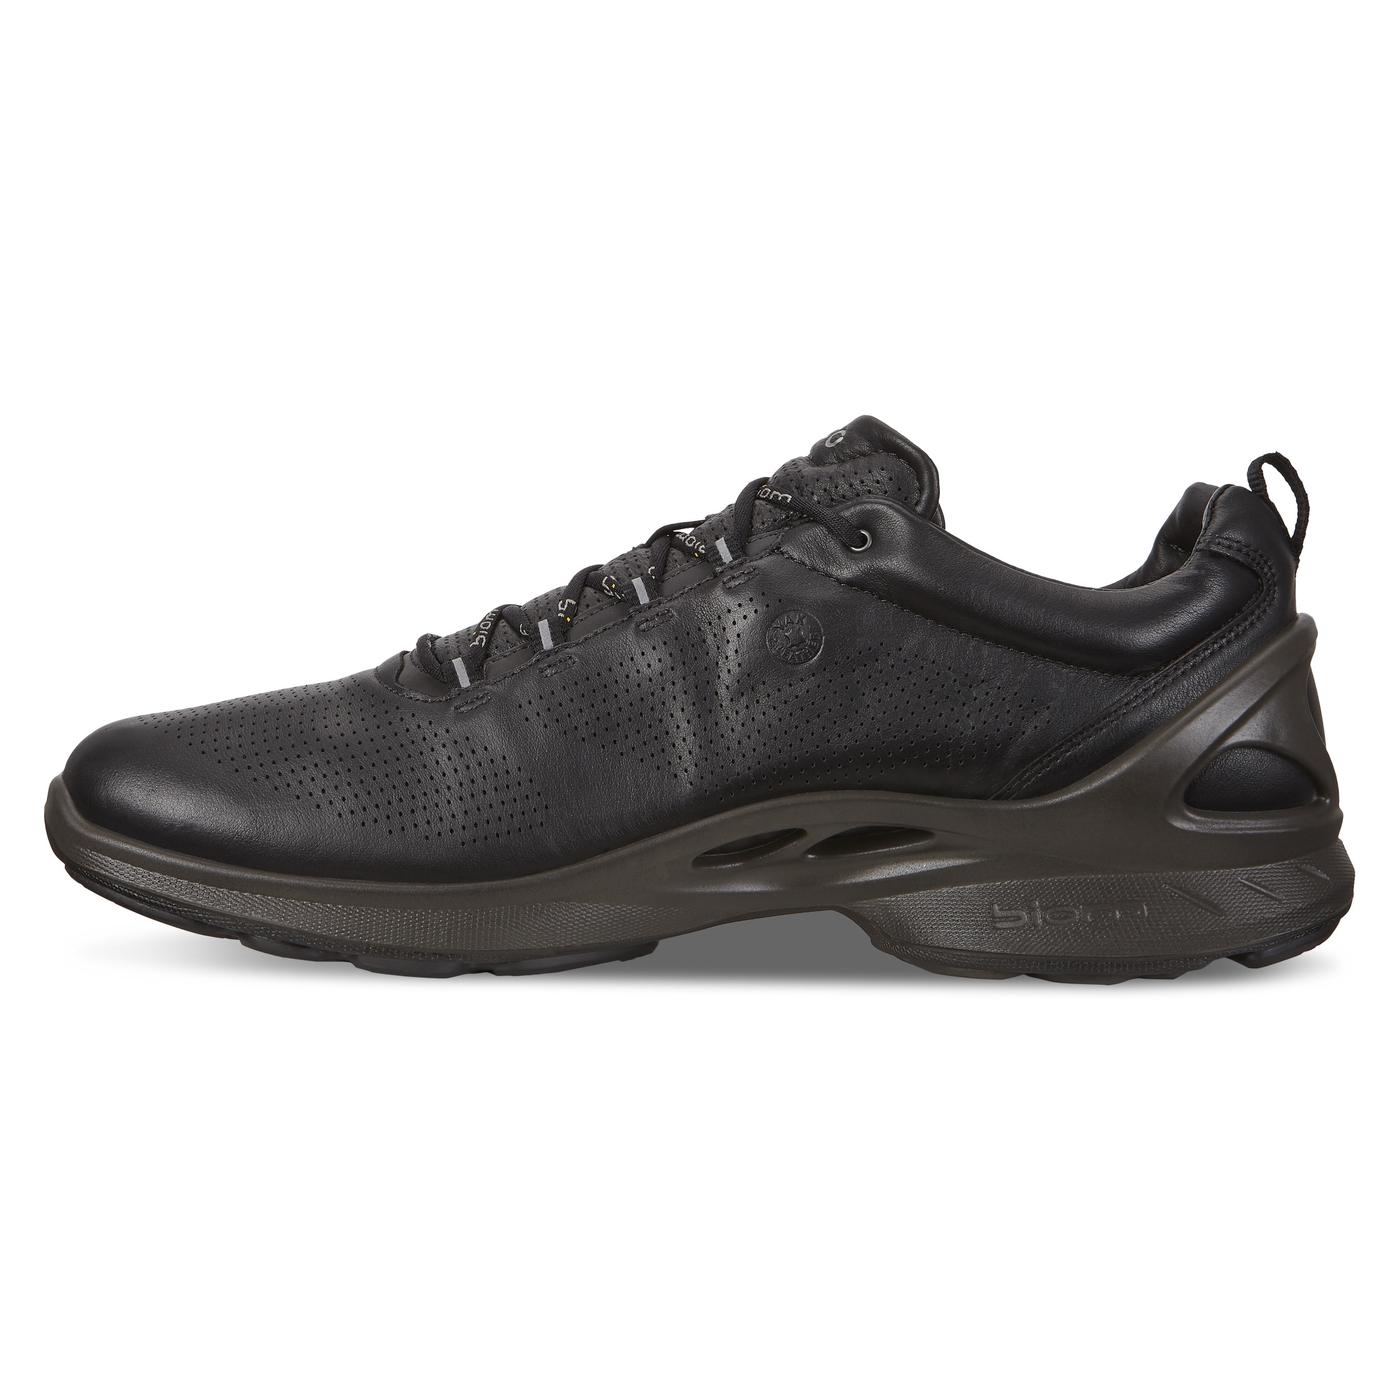 ECCO BIOM FJUEL Mens Sneaker Tie